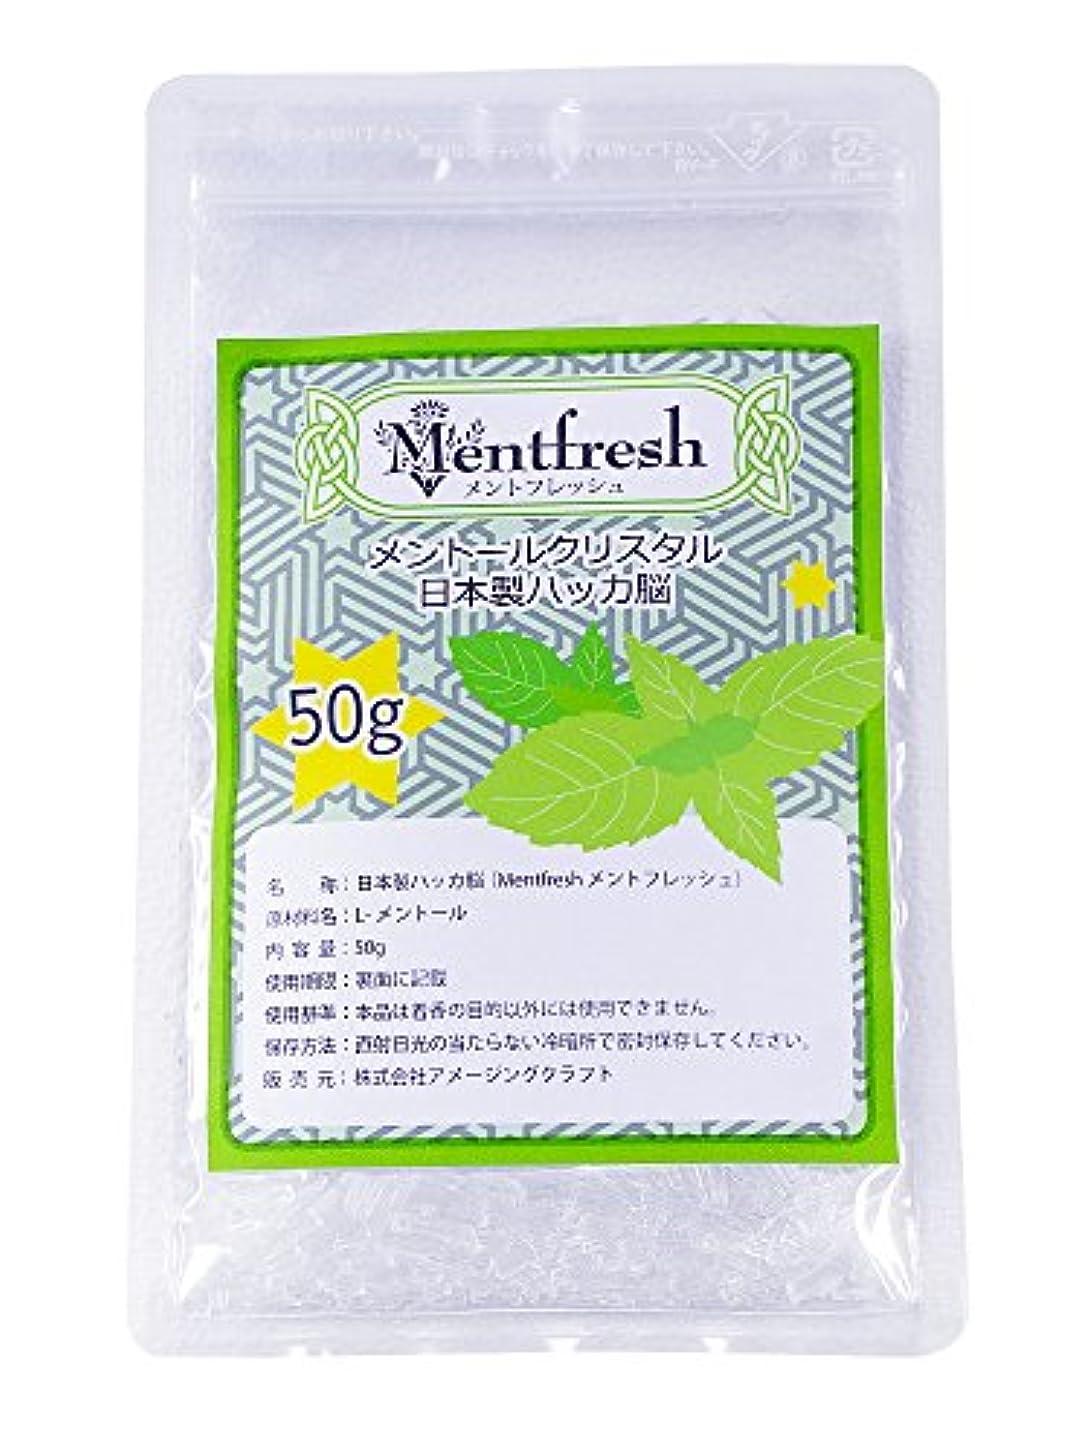 ランドマーク関与する鼻日本製 ハッカ結晶 メントフレッシュ メントールクリスタル (50g)